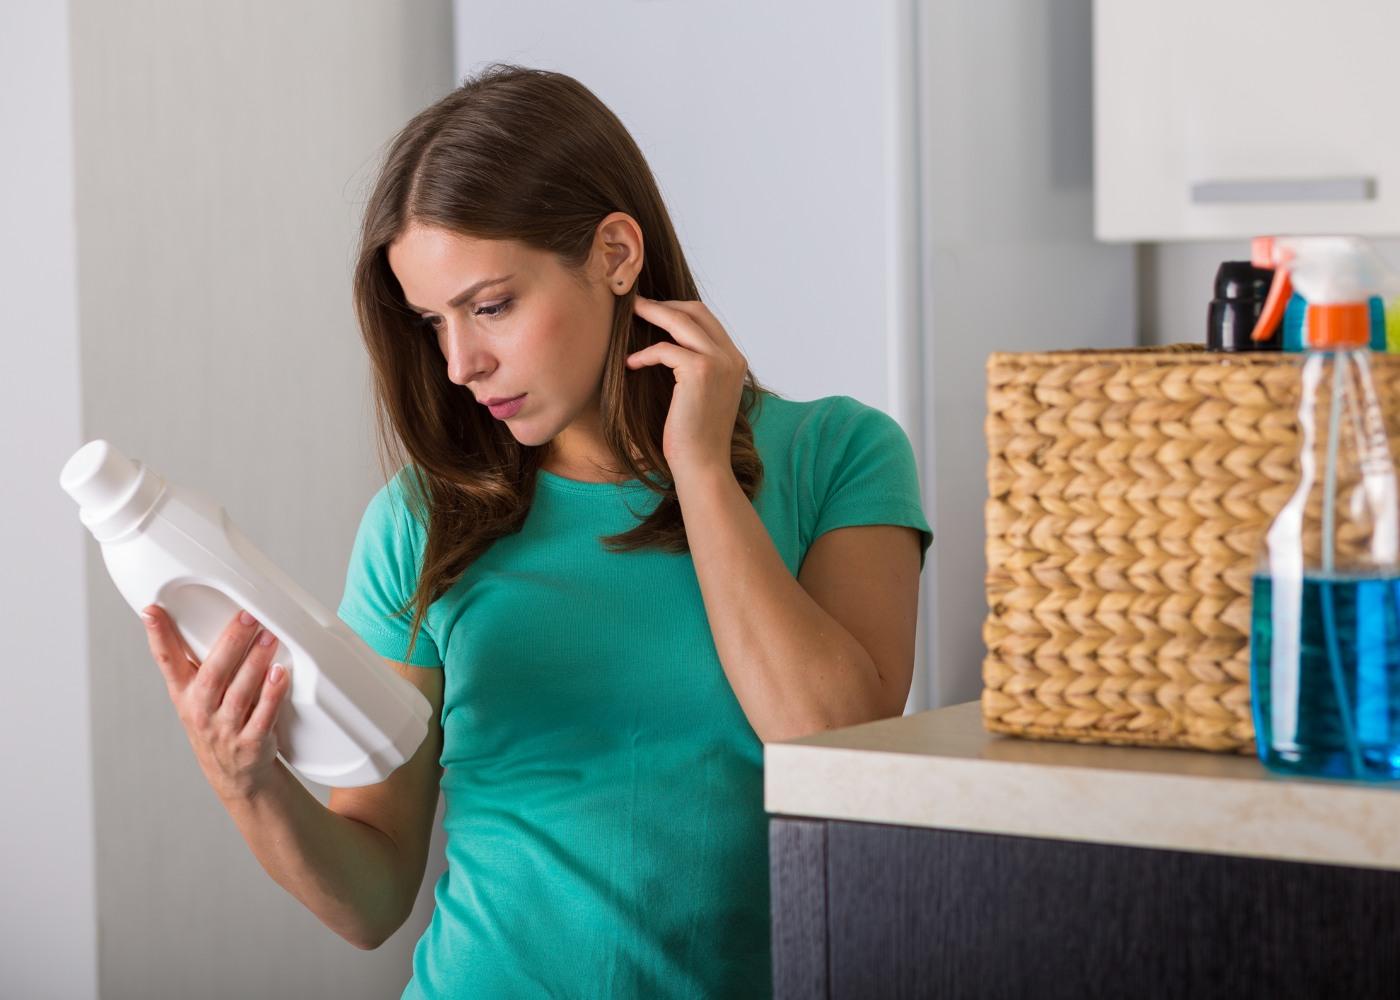 mulher a ler embalagem de detergente